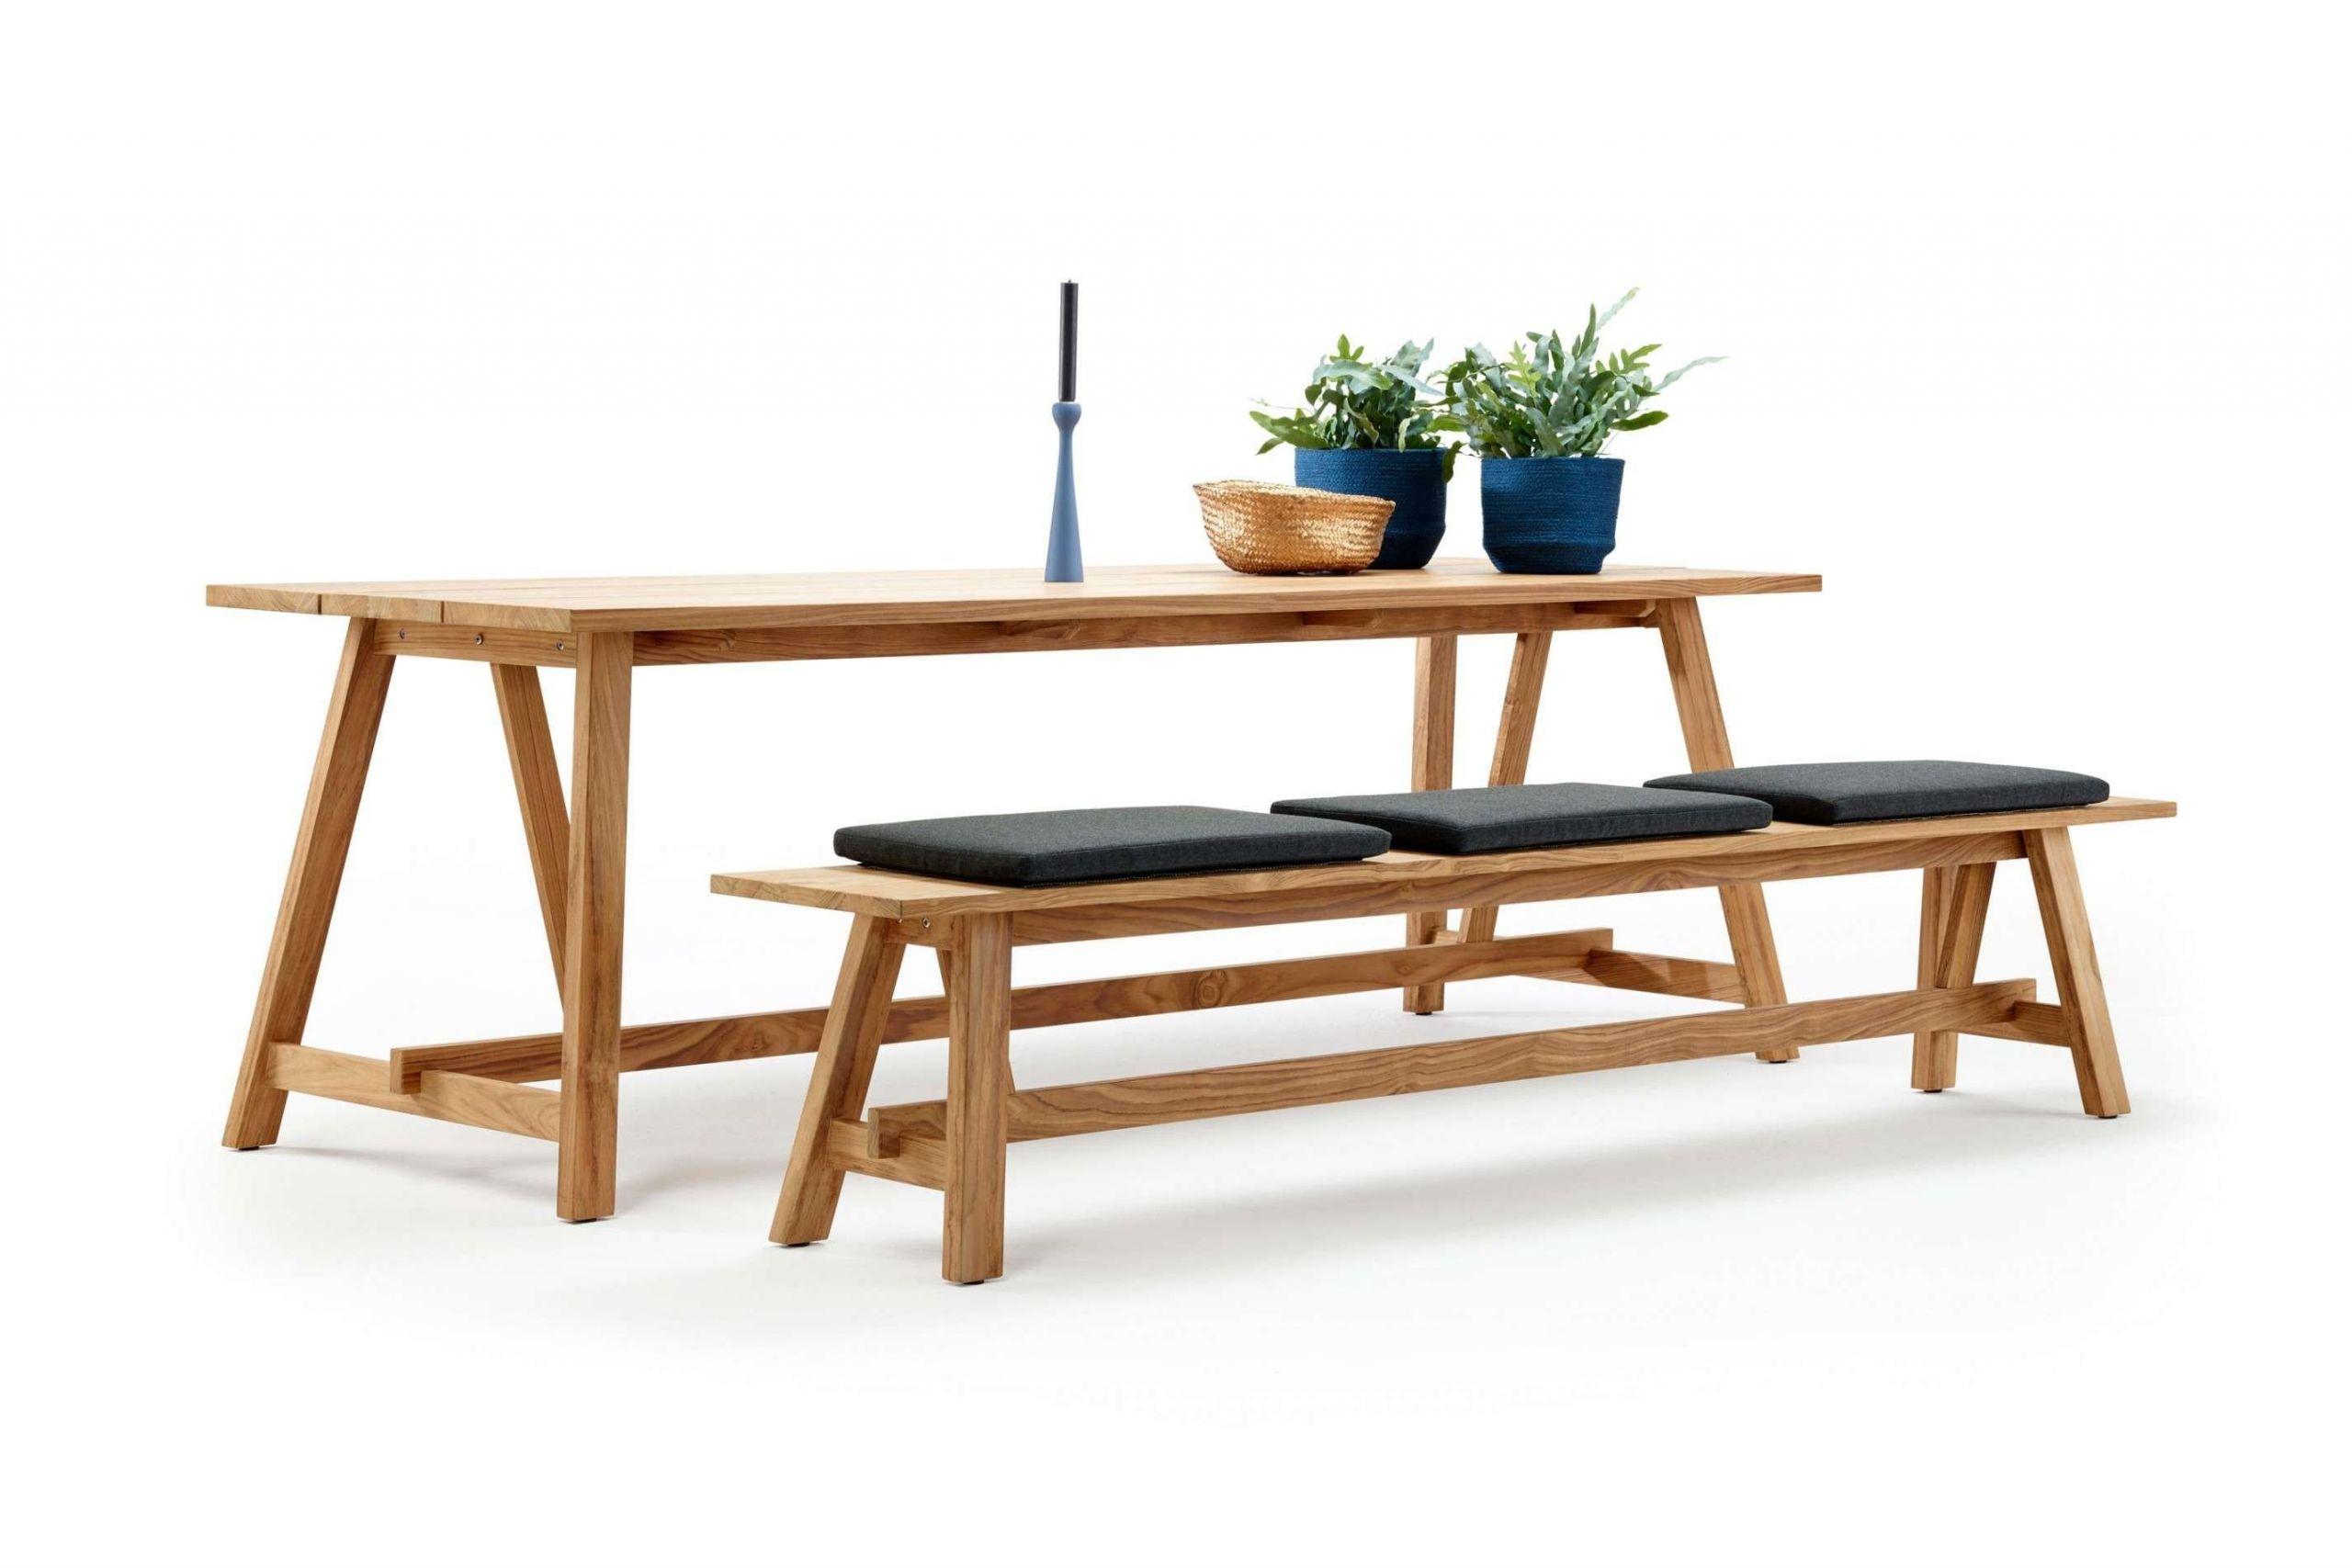 stuhl selber bauen eckschreibtisch selber bauen bud freundlich konzept elegant